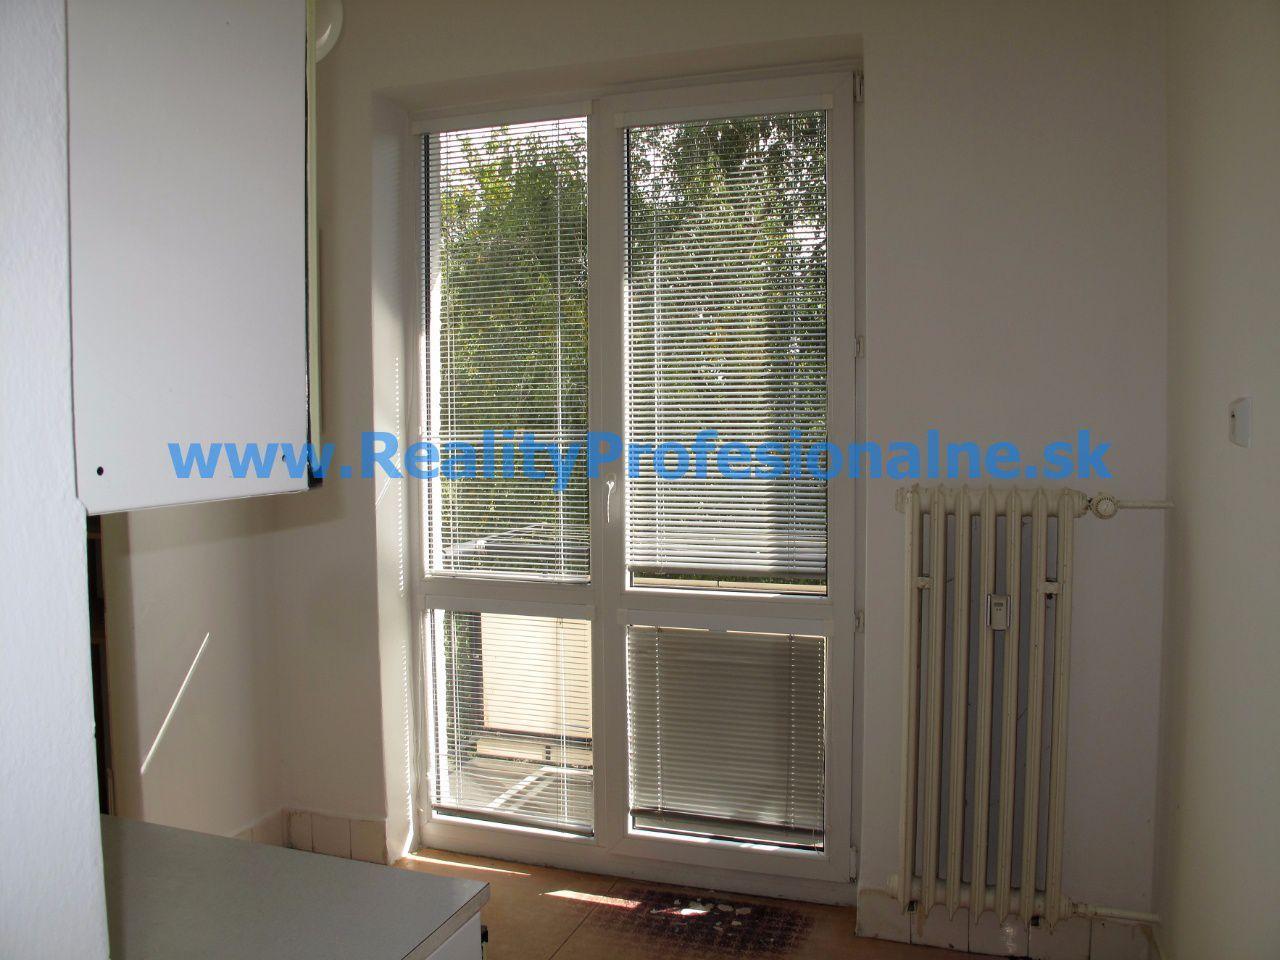 PREDANÉ ZA 30 DNÍ: Chcete bývať v najkrajšej lokalite Bratislavy? 2 izbový tehlový byt v Ružinove je na predaj a okamžite k dispozícii